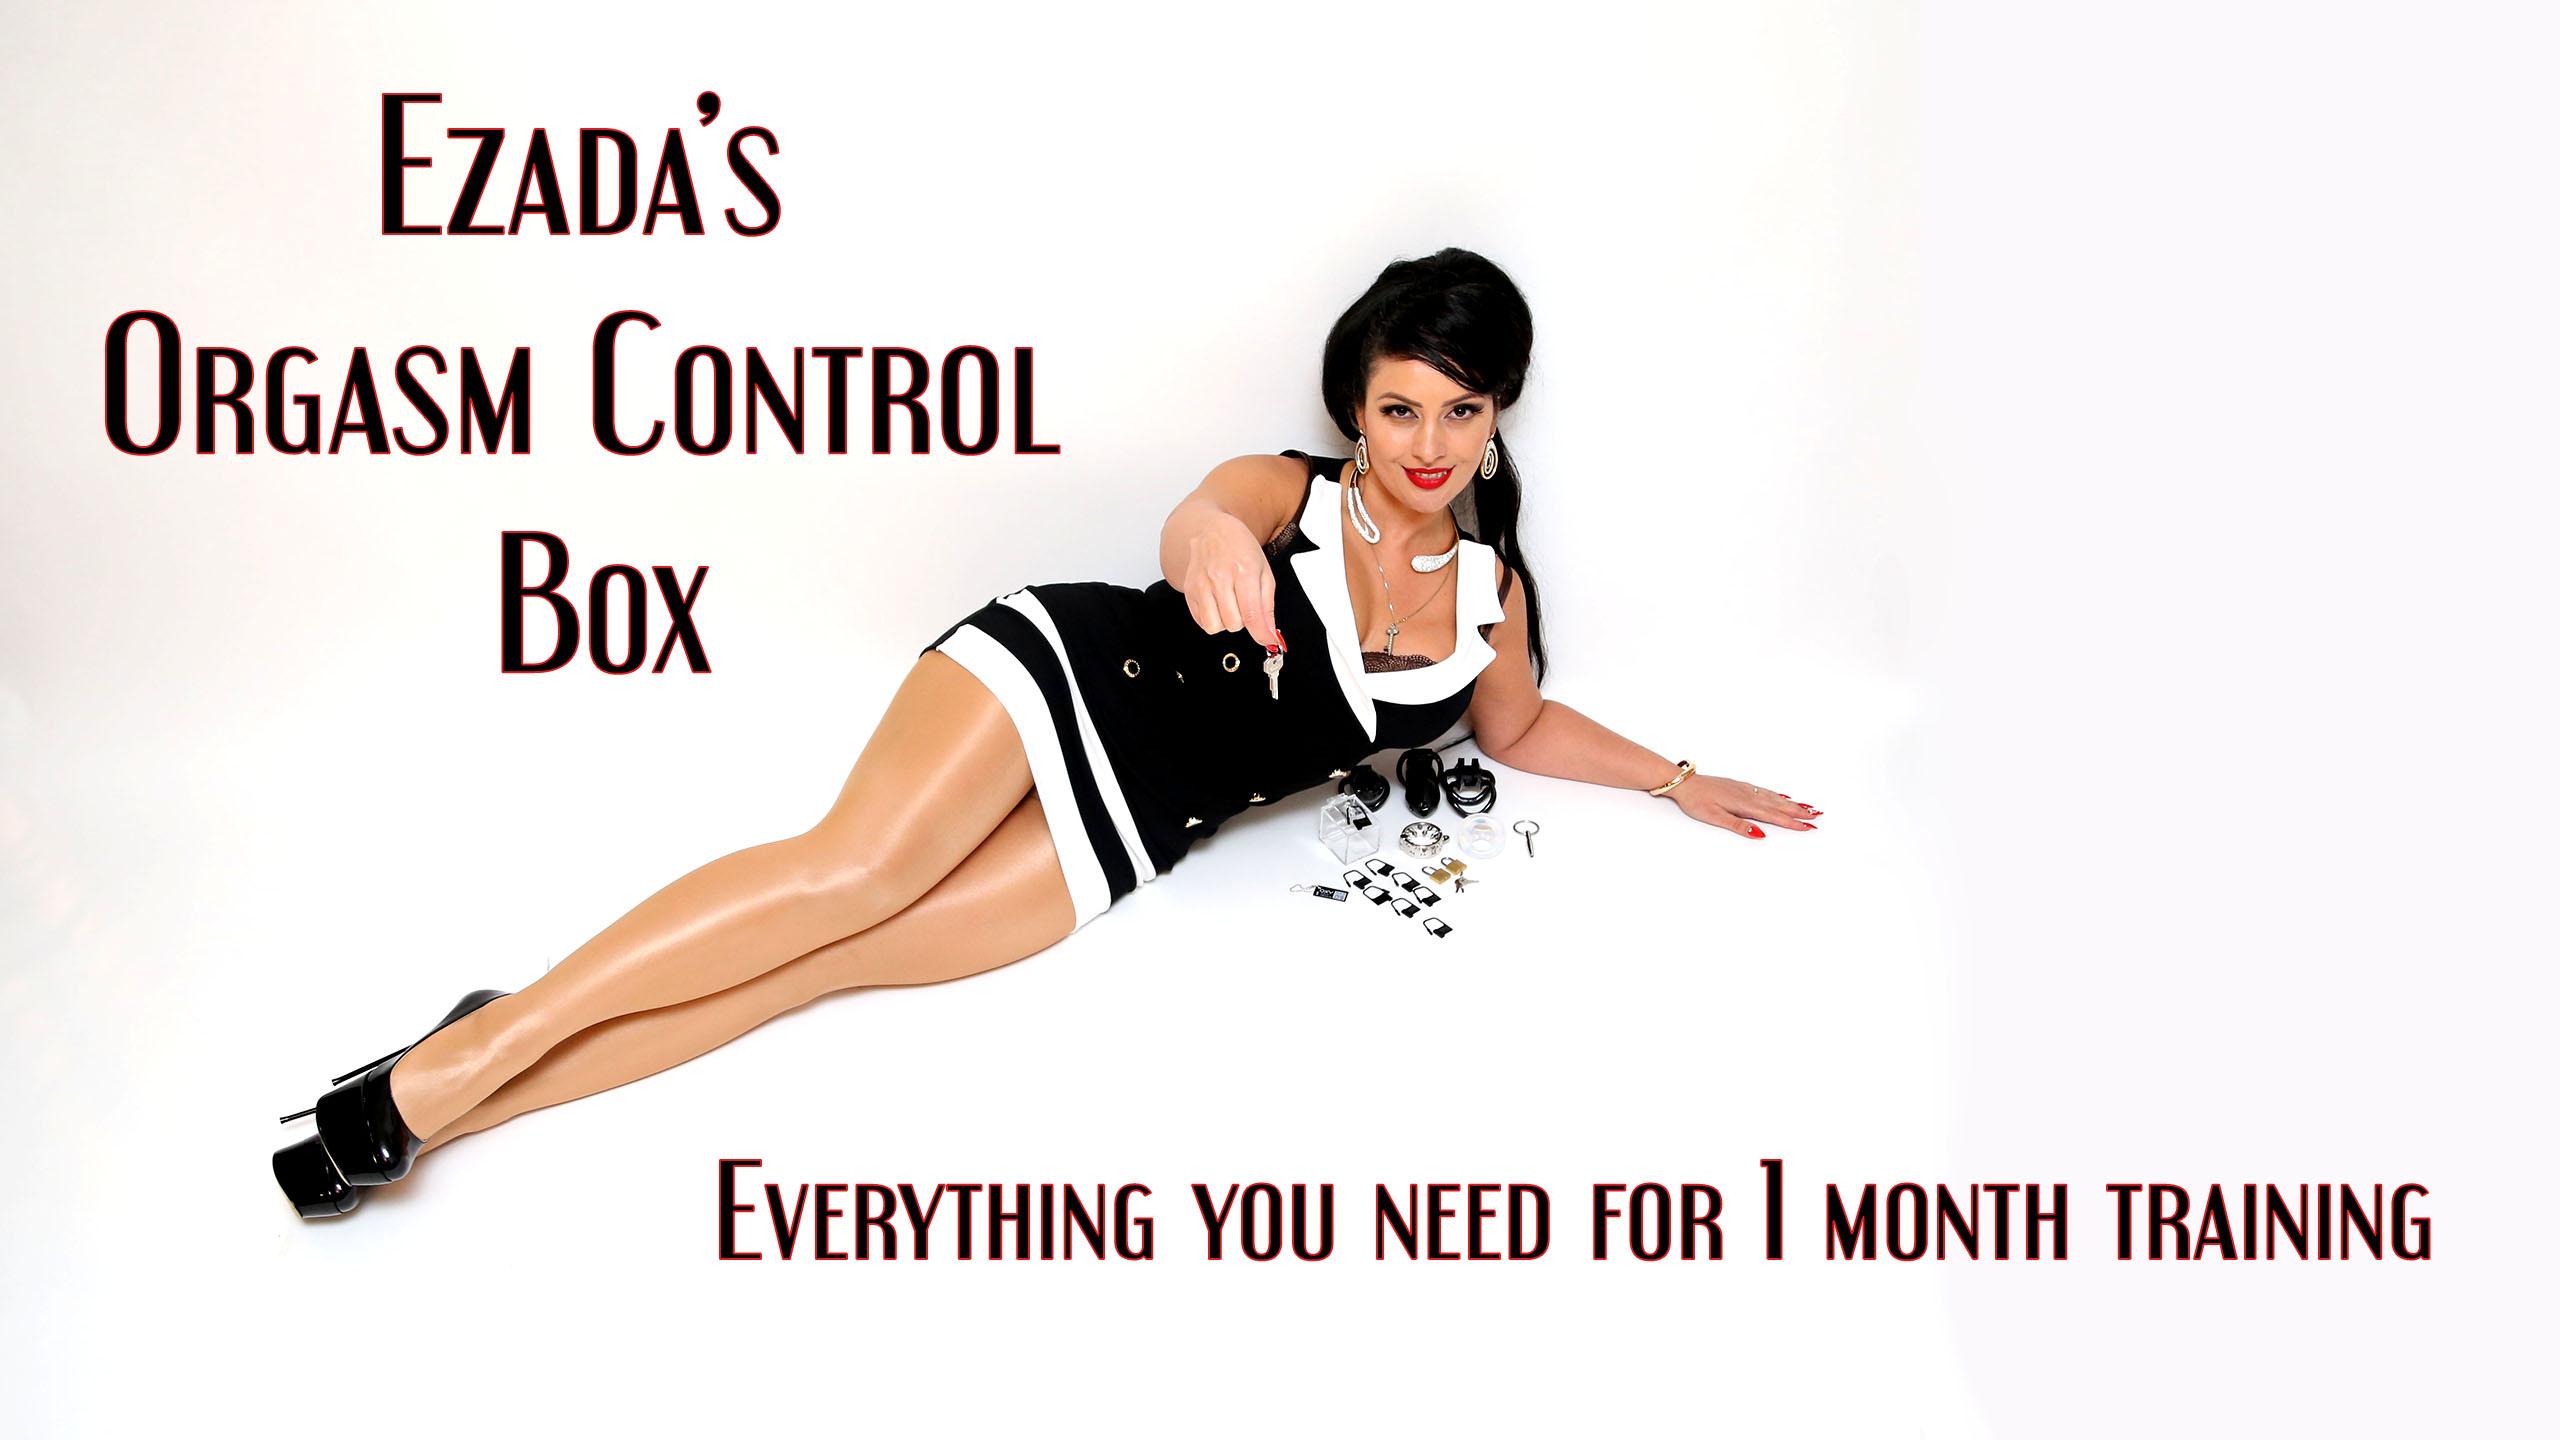 Ezada's Orgasm Control Box